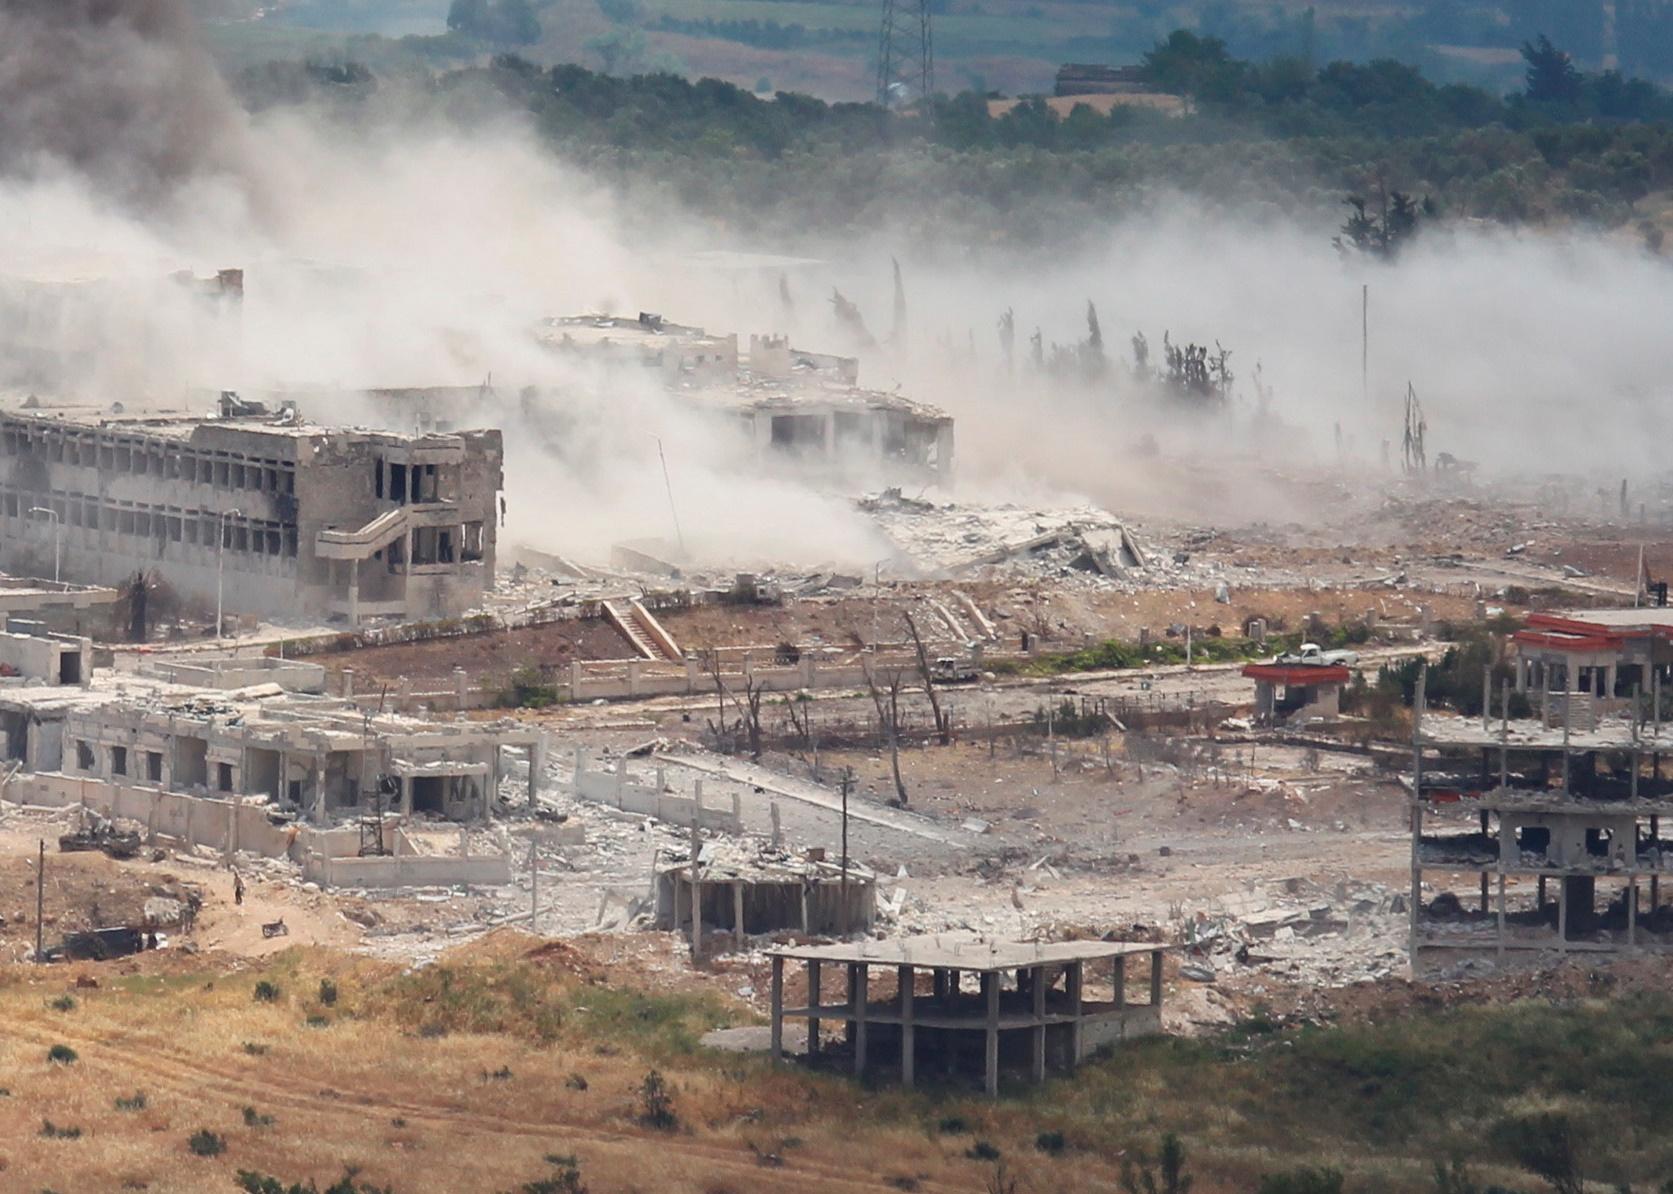 Συρία: 18 νεκροί από επίθεση πυροβολικού σε συνοικίες και νοσοκομείο στην Αφρίν